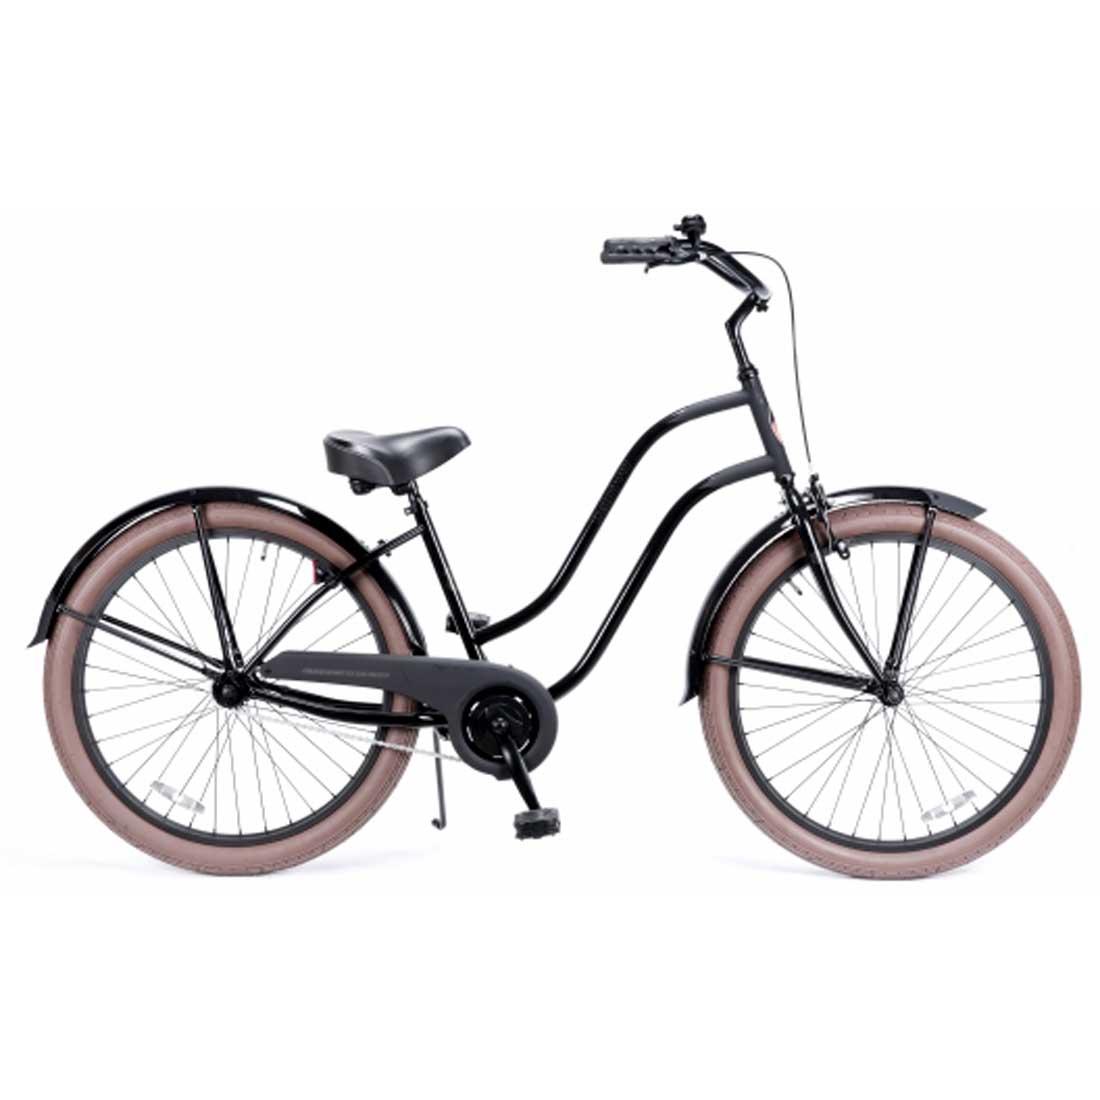 レインボー ビーチクルーザー 26インチ おしゃれ 自転車 通勤 通学 メンズ レディース 26lady-BC キャットウーマン2 レディース ジュニア